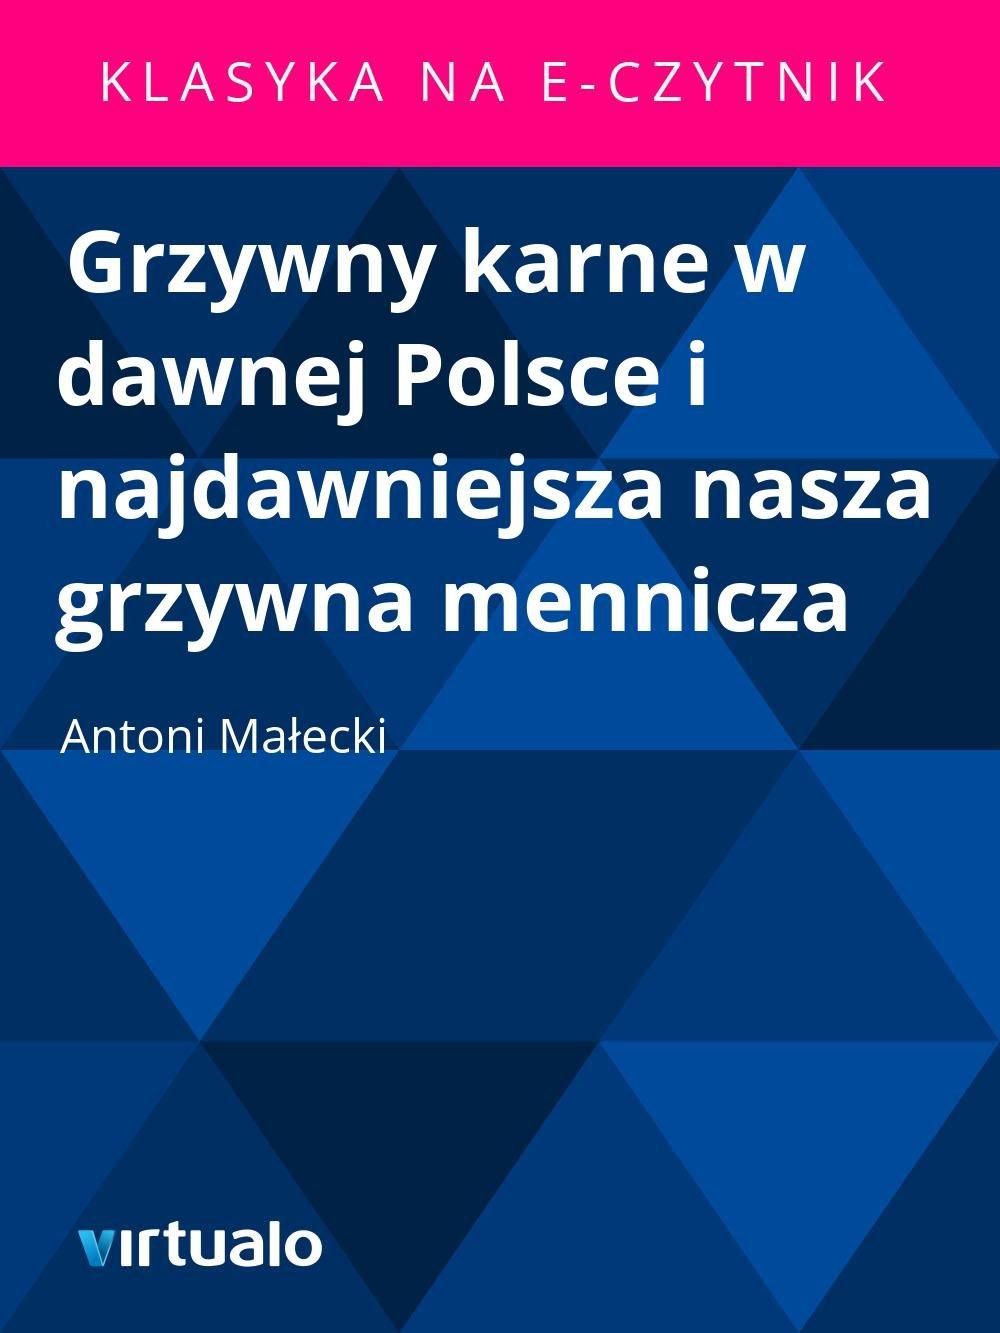 Grzywny karne w dawnej Polsce i najdawniejsza nasza grzywna mennicza - Ebook (Książka EPUB) do pobrania w formacie EPUB